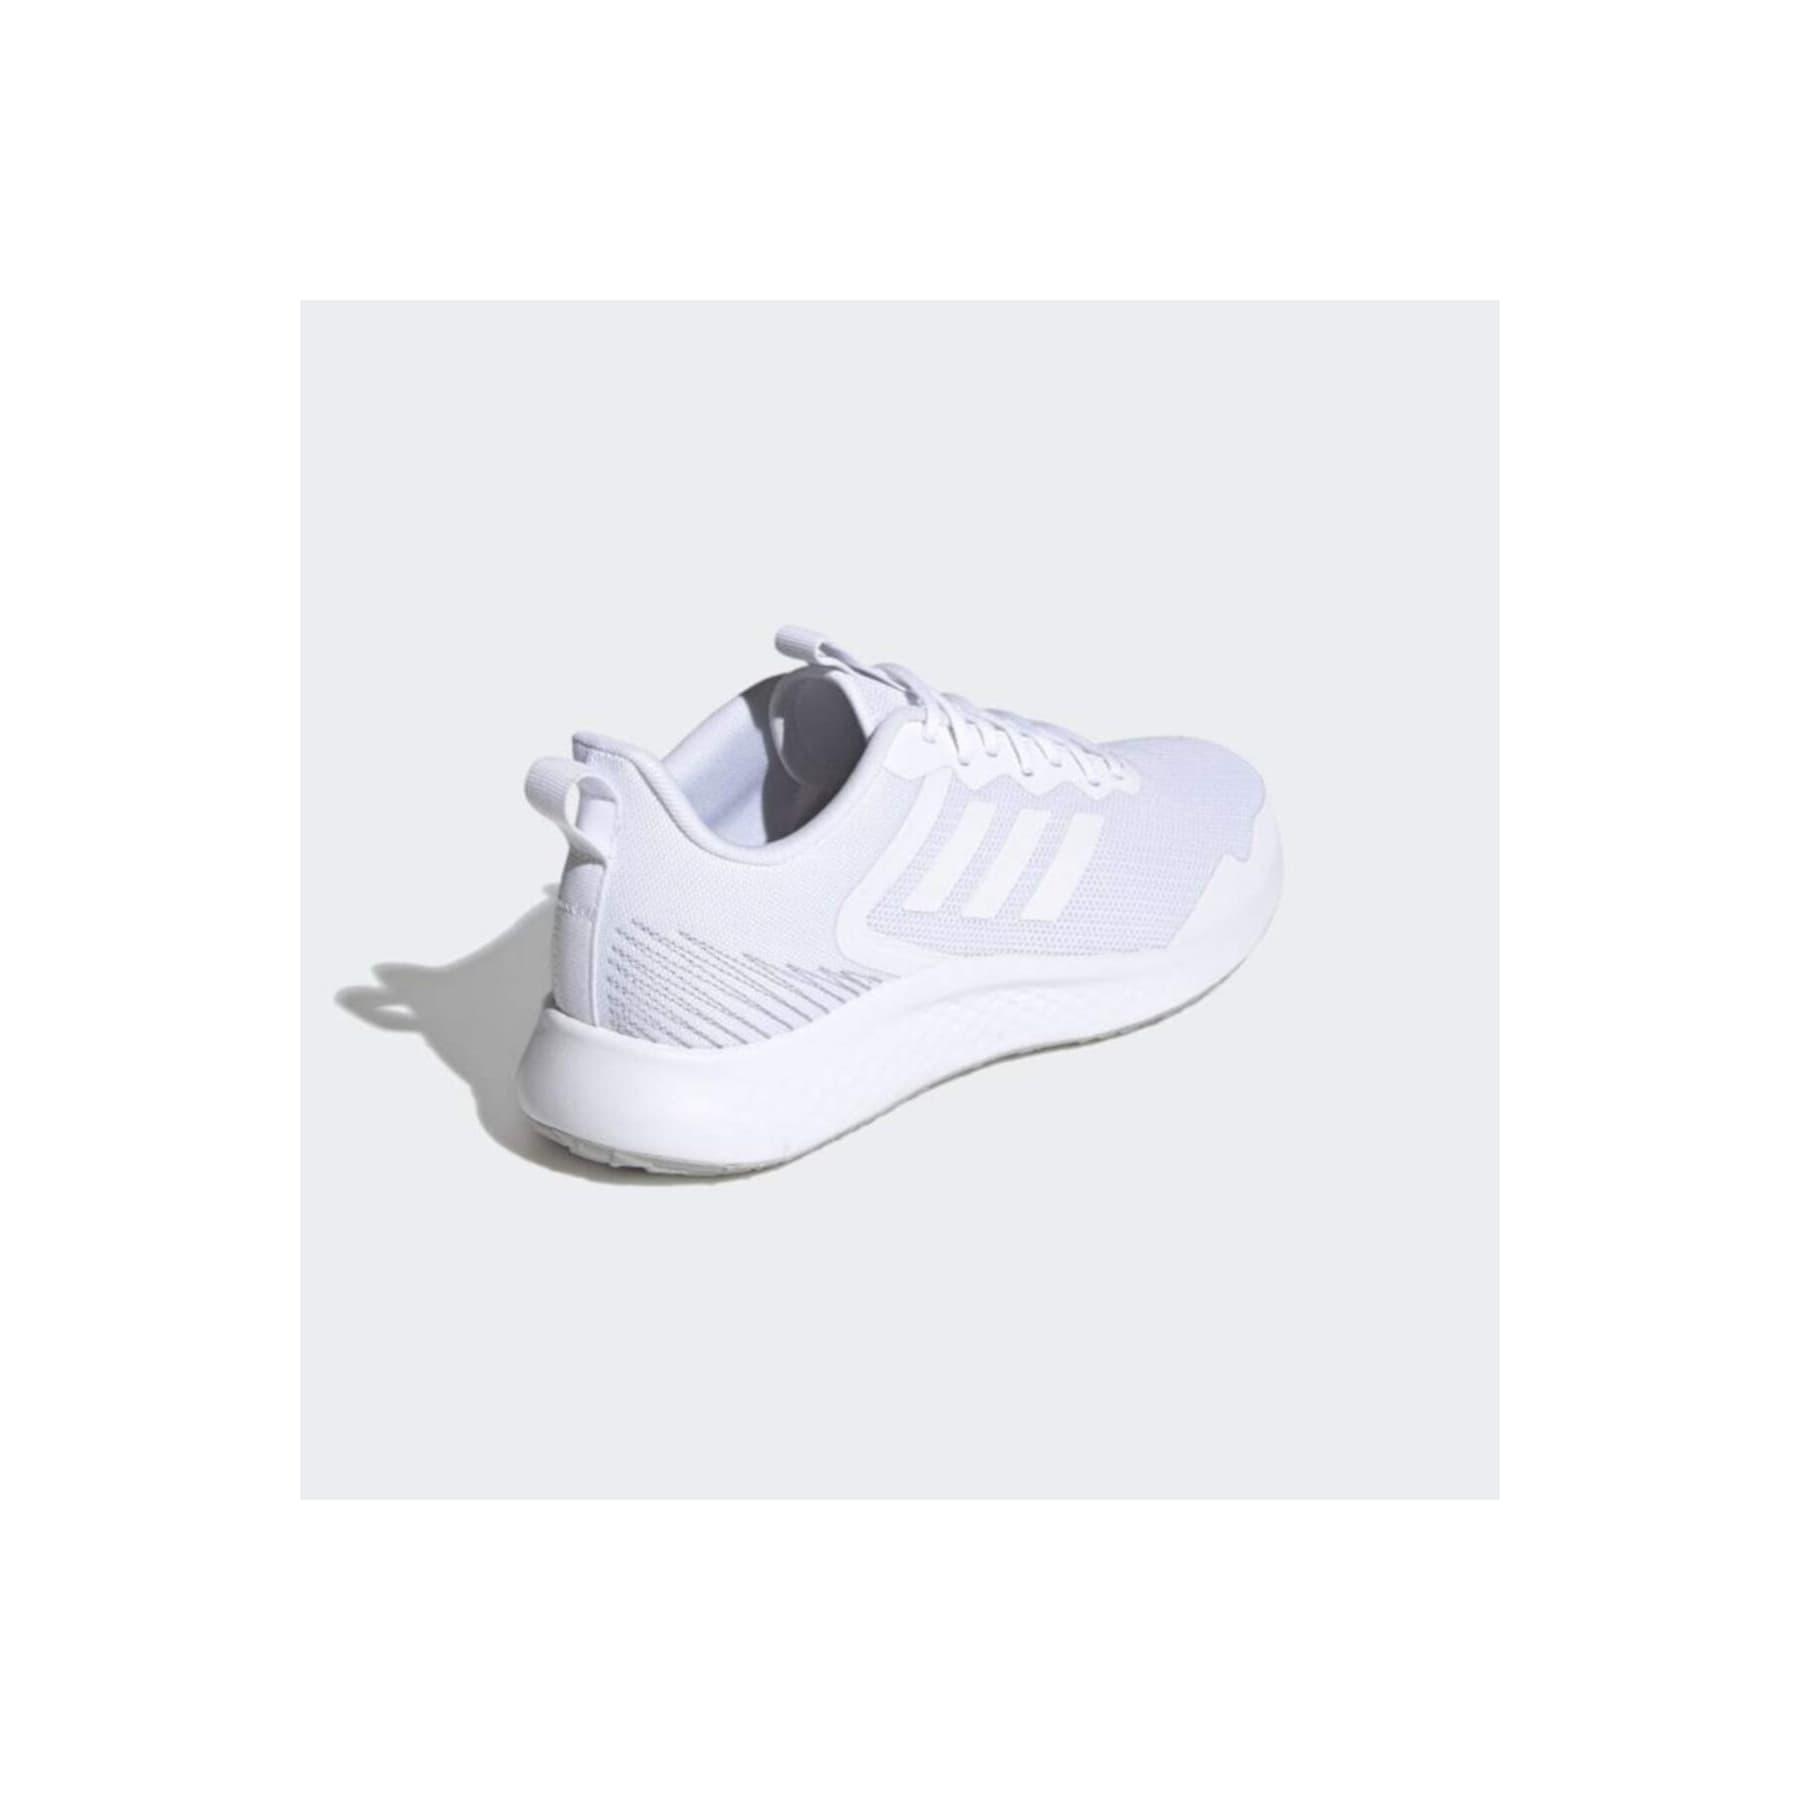 Fluidstreet Erkek Beyaz Koşu Ayakkabısı (FY8452)